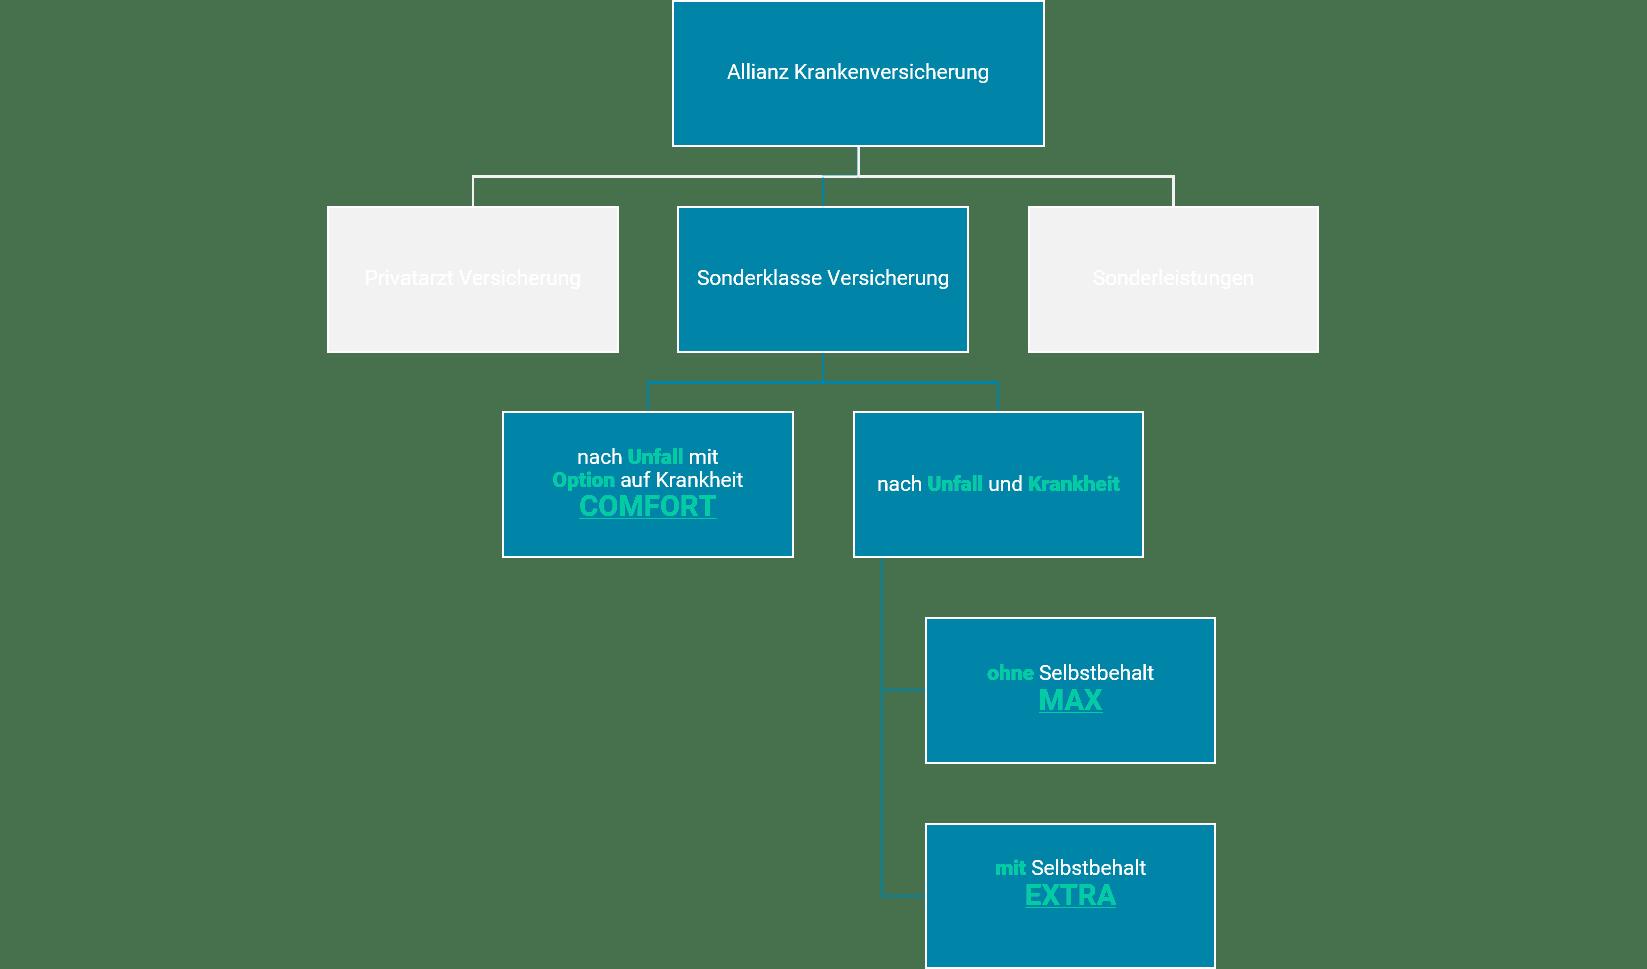 Allianz Krankenversicherung Sonderklasse Übersicht